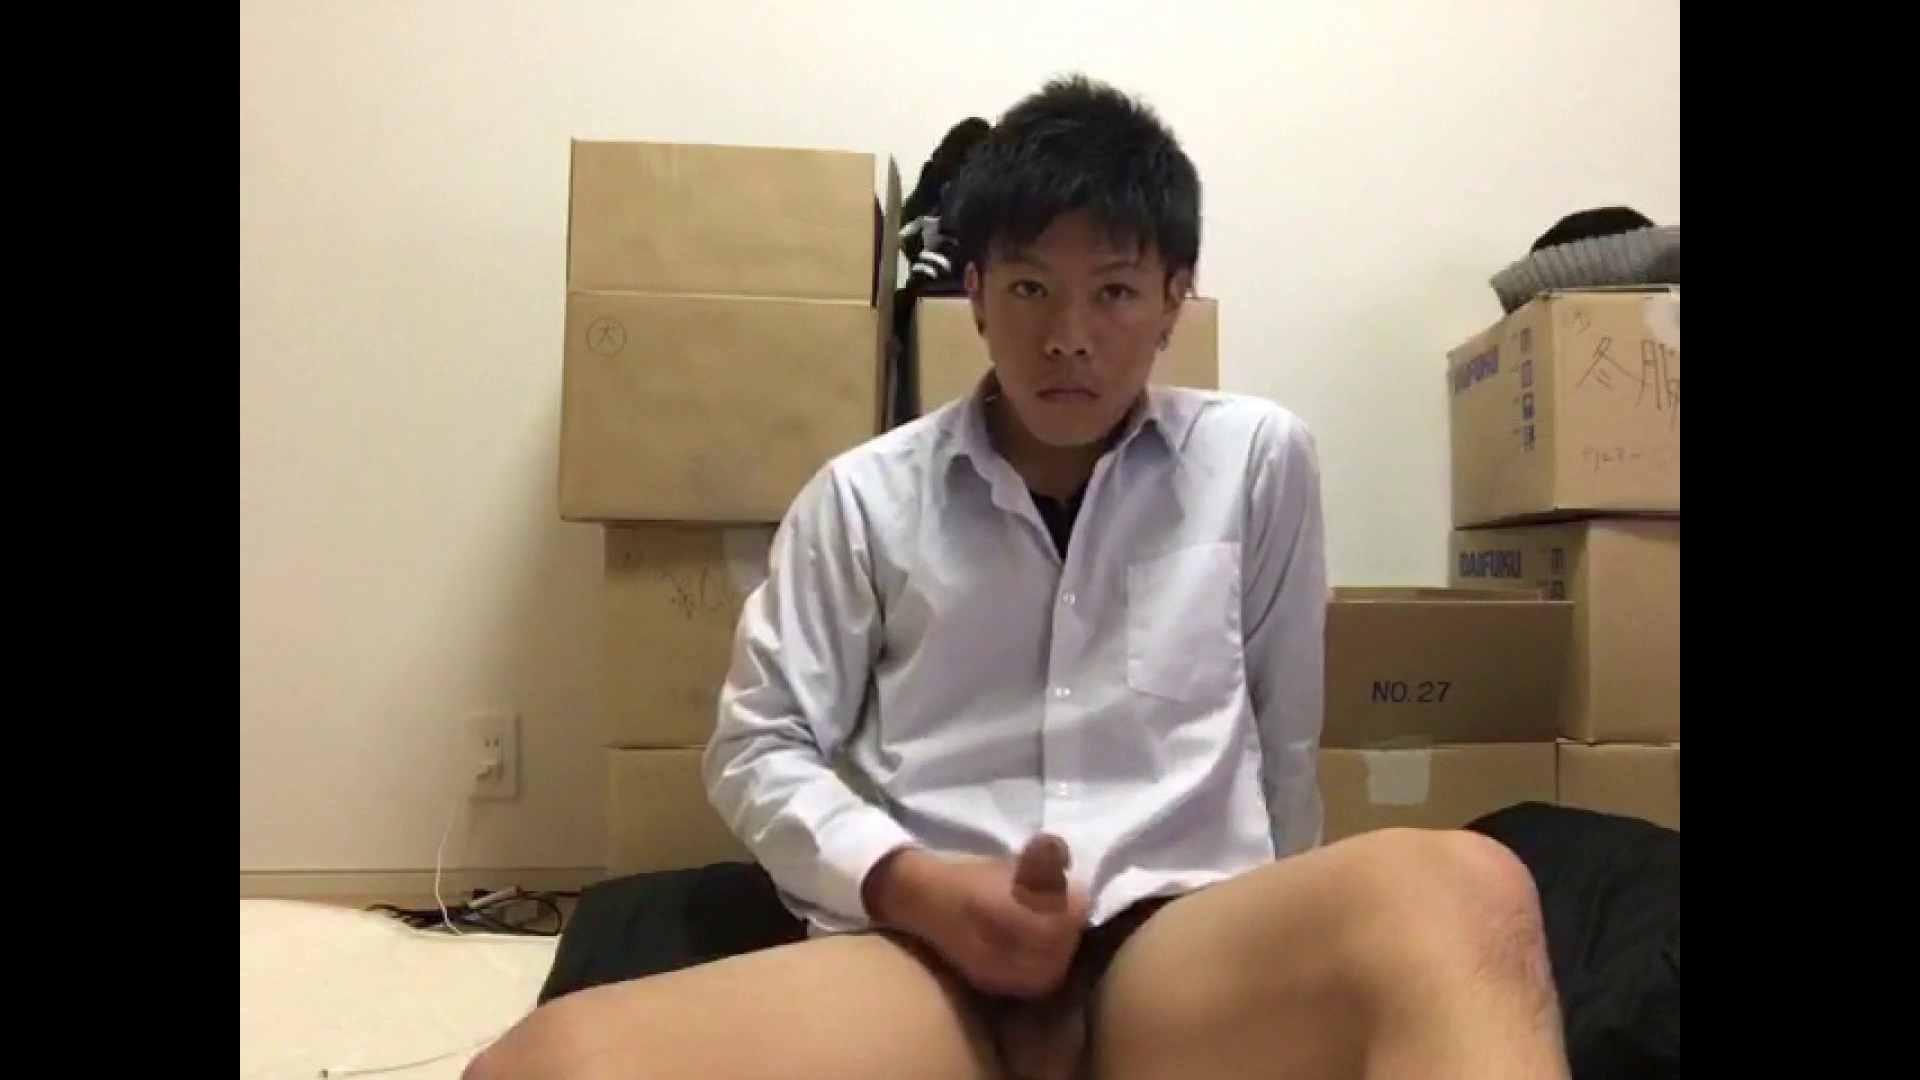 個人撮影 自慰の極意 Vol.1 個人撮影 ゲイエロ動画 82pic 23